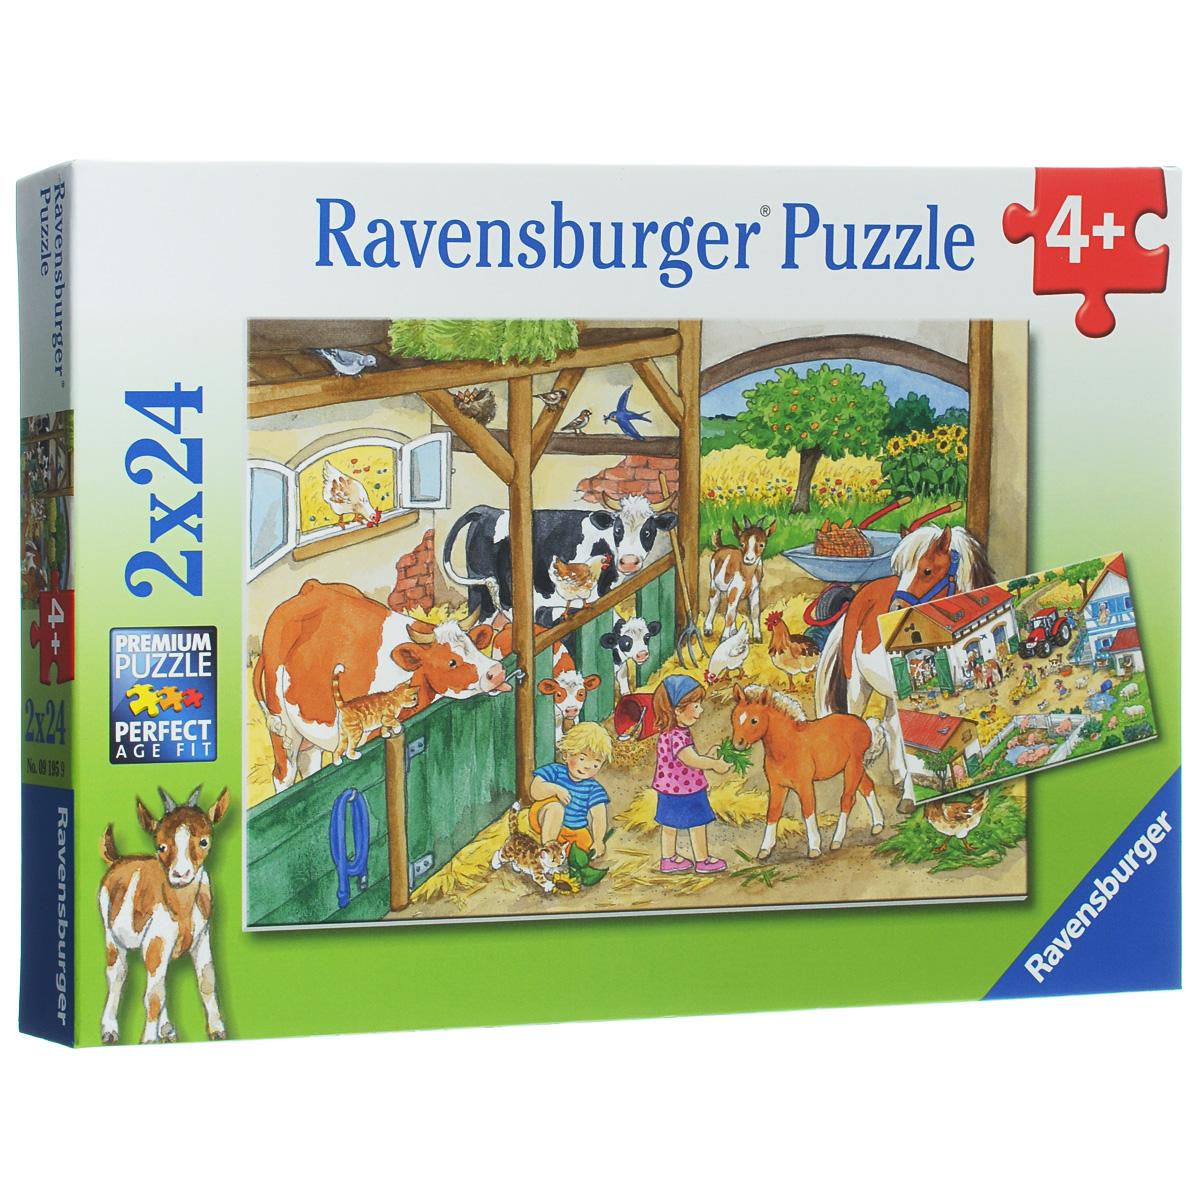 Ravensburger День на ферме. Пазл, 2 х 24 элемента09195Пазл Ravensburger День на ферме, несомненно, понравится вашему ребенку. Собрав пазлы, каждый из которых включает по 24 элемента, вы получите 2 замечательные картинки с изображением детишек, помогающих на ферме, и очаровательных домашних животных. Пазл изготовлен из картона высочайшего качества. Каждая деталь имеет свою форму и подходит только на свое место. Все изображения аккуратно отсканированы и напечатаны на ламинированной бумаге. В комплект также входят 2 мини-плаката. Пазлы - замечательная развивающая игра для детей. Собирание пазла развивает у ребенка мелкую моторику рук, тренирует наблюдательность, логическое мышление, знакомит с окружающим миром, с цветом и разнообразными формами, учит усидчивости и терпению, аккуратности и вниманию. Детские пазлы Ravensburger идеально подходят для малышей и позволяют им развить важные навыки, которые непременно пригодятся им во взрослой жизни.